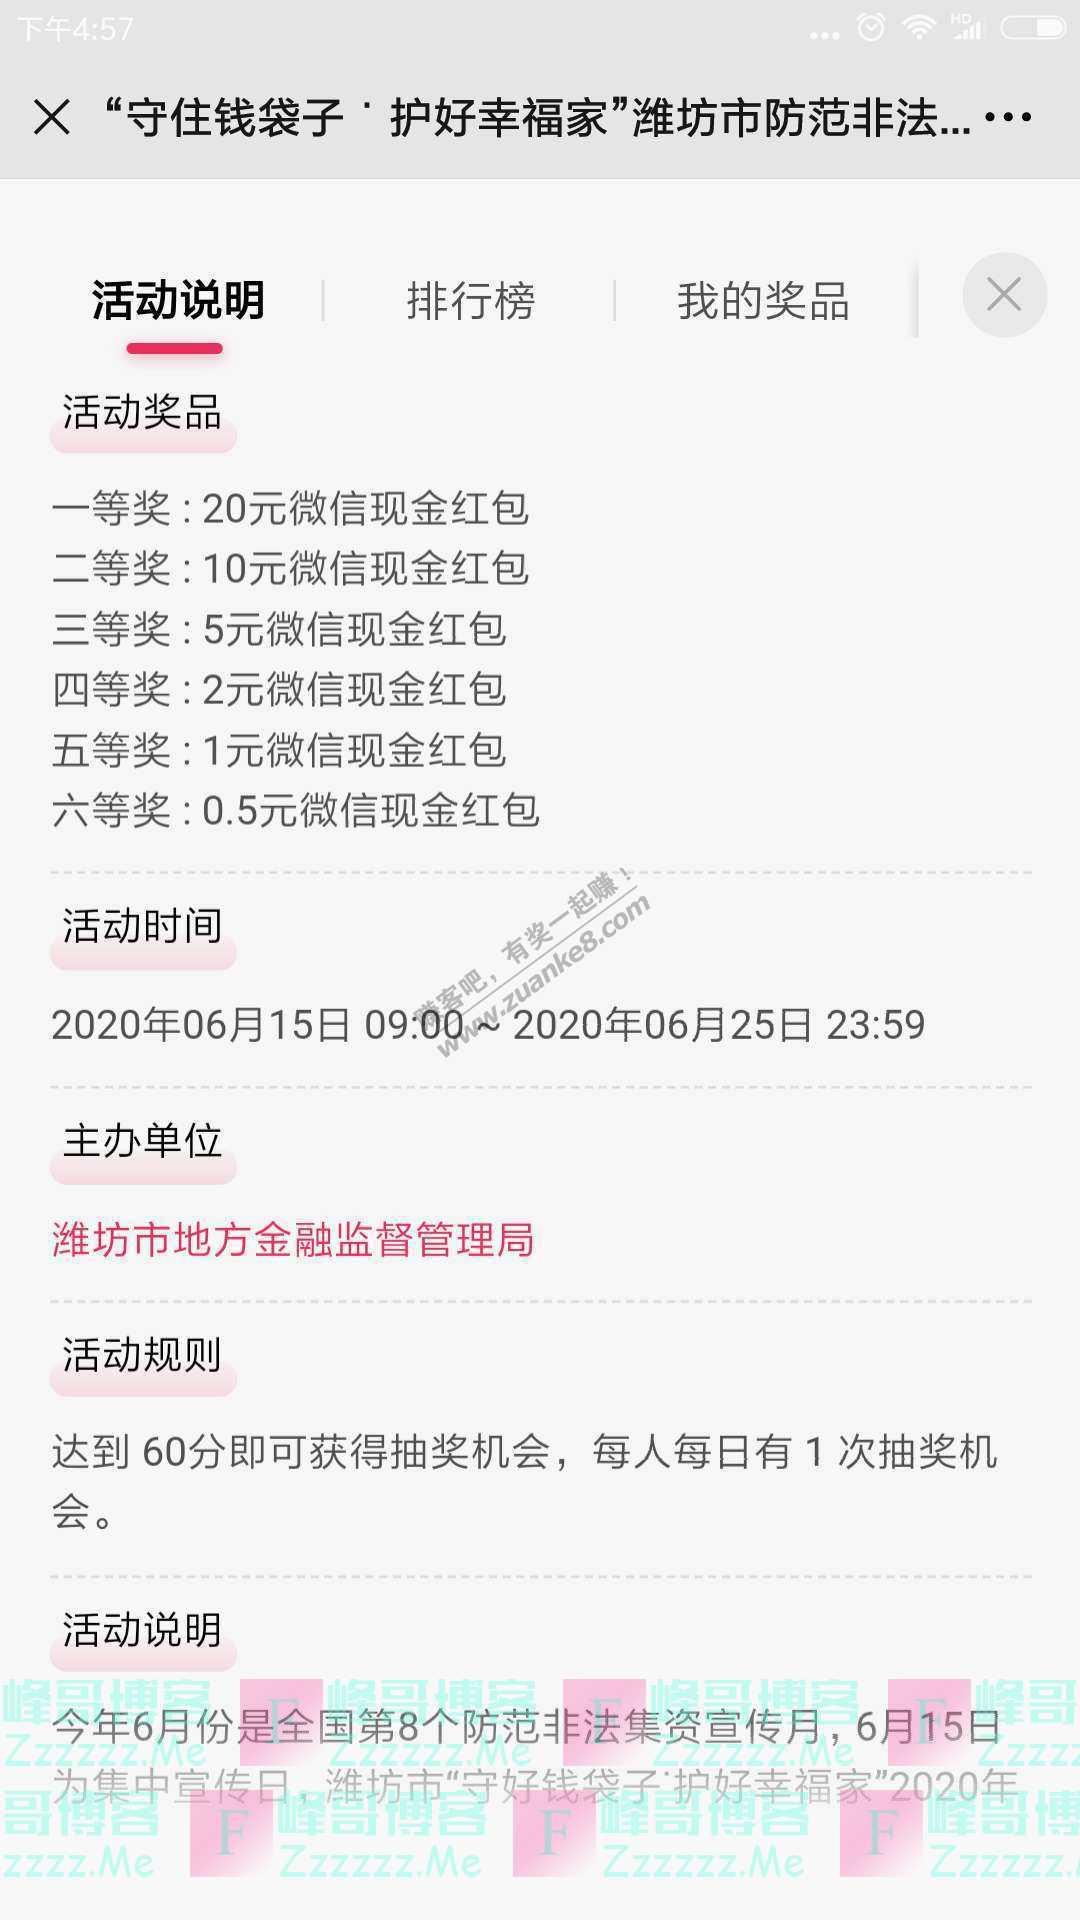 潍坊金融卫士学习金融知识 参与有奖答题(截止6月25日)